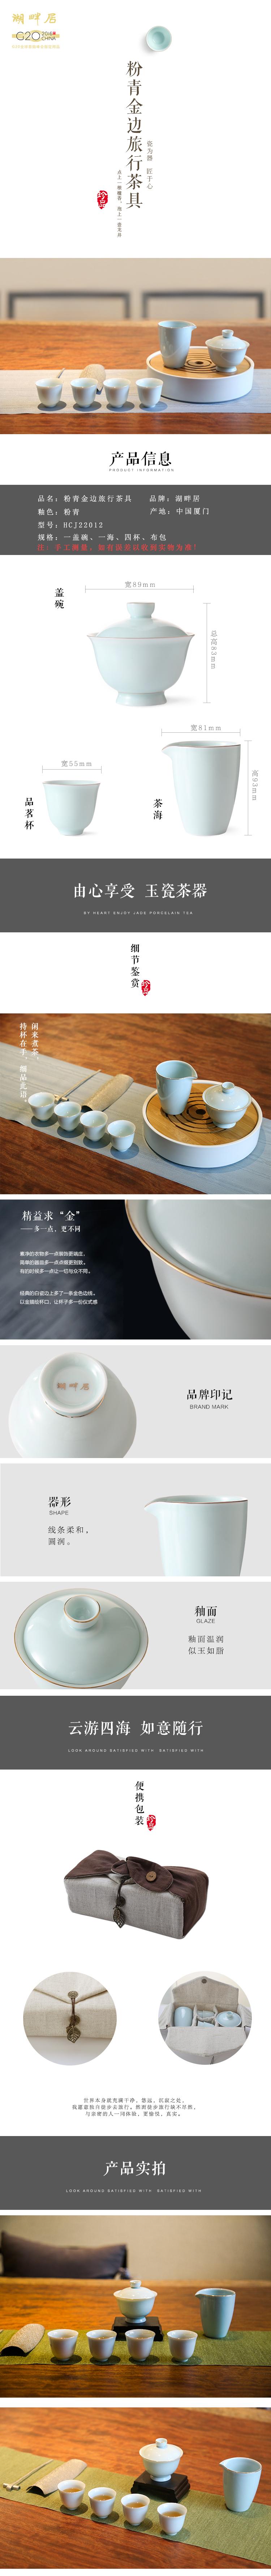 湖畔居 茶具套装青瓷旅行茶具茶海套组功夫茶杯 套装